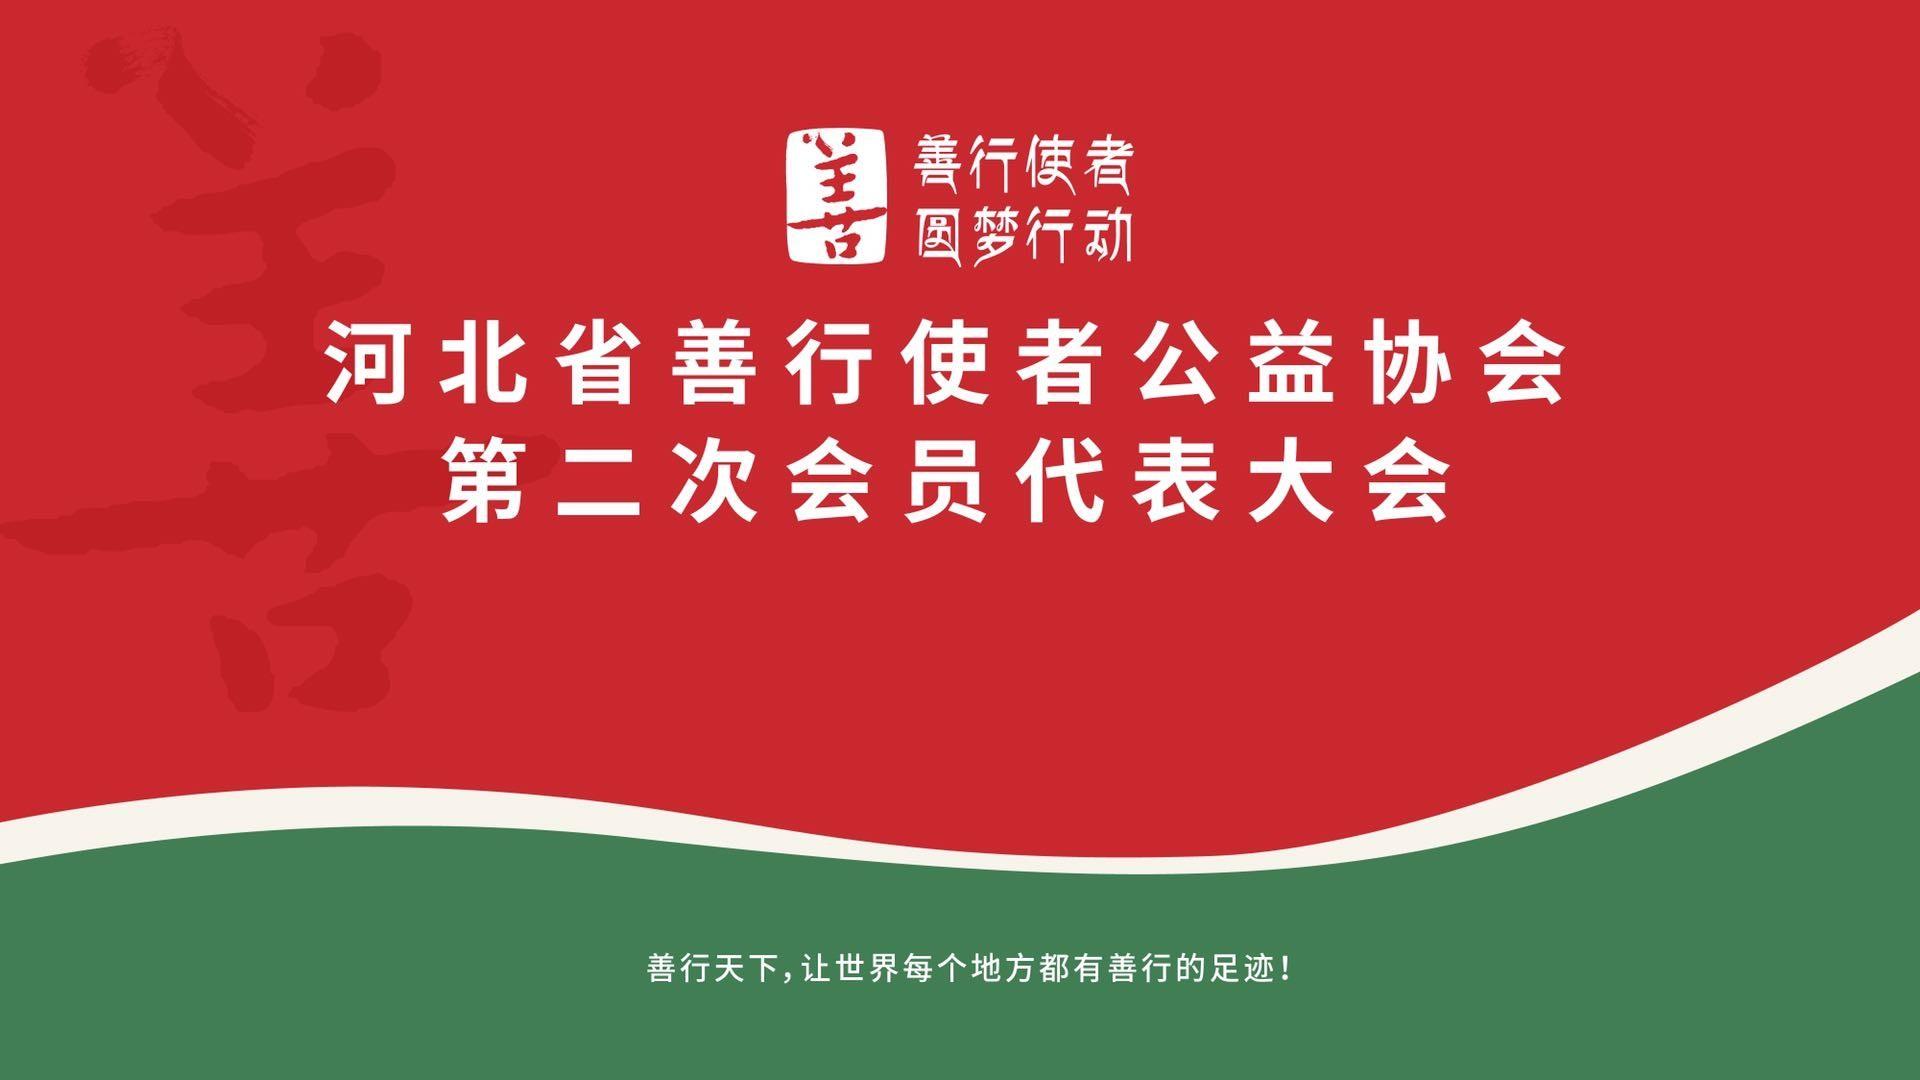 """冀华所获评 """"河北省善行使者公益协会""""副会长单位"""